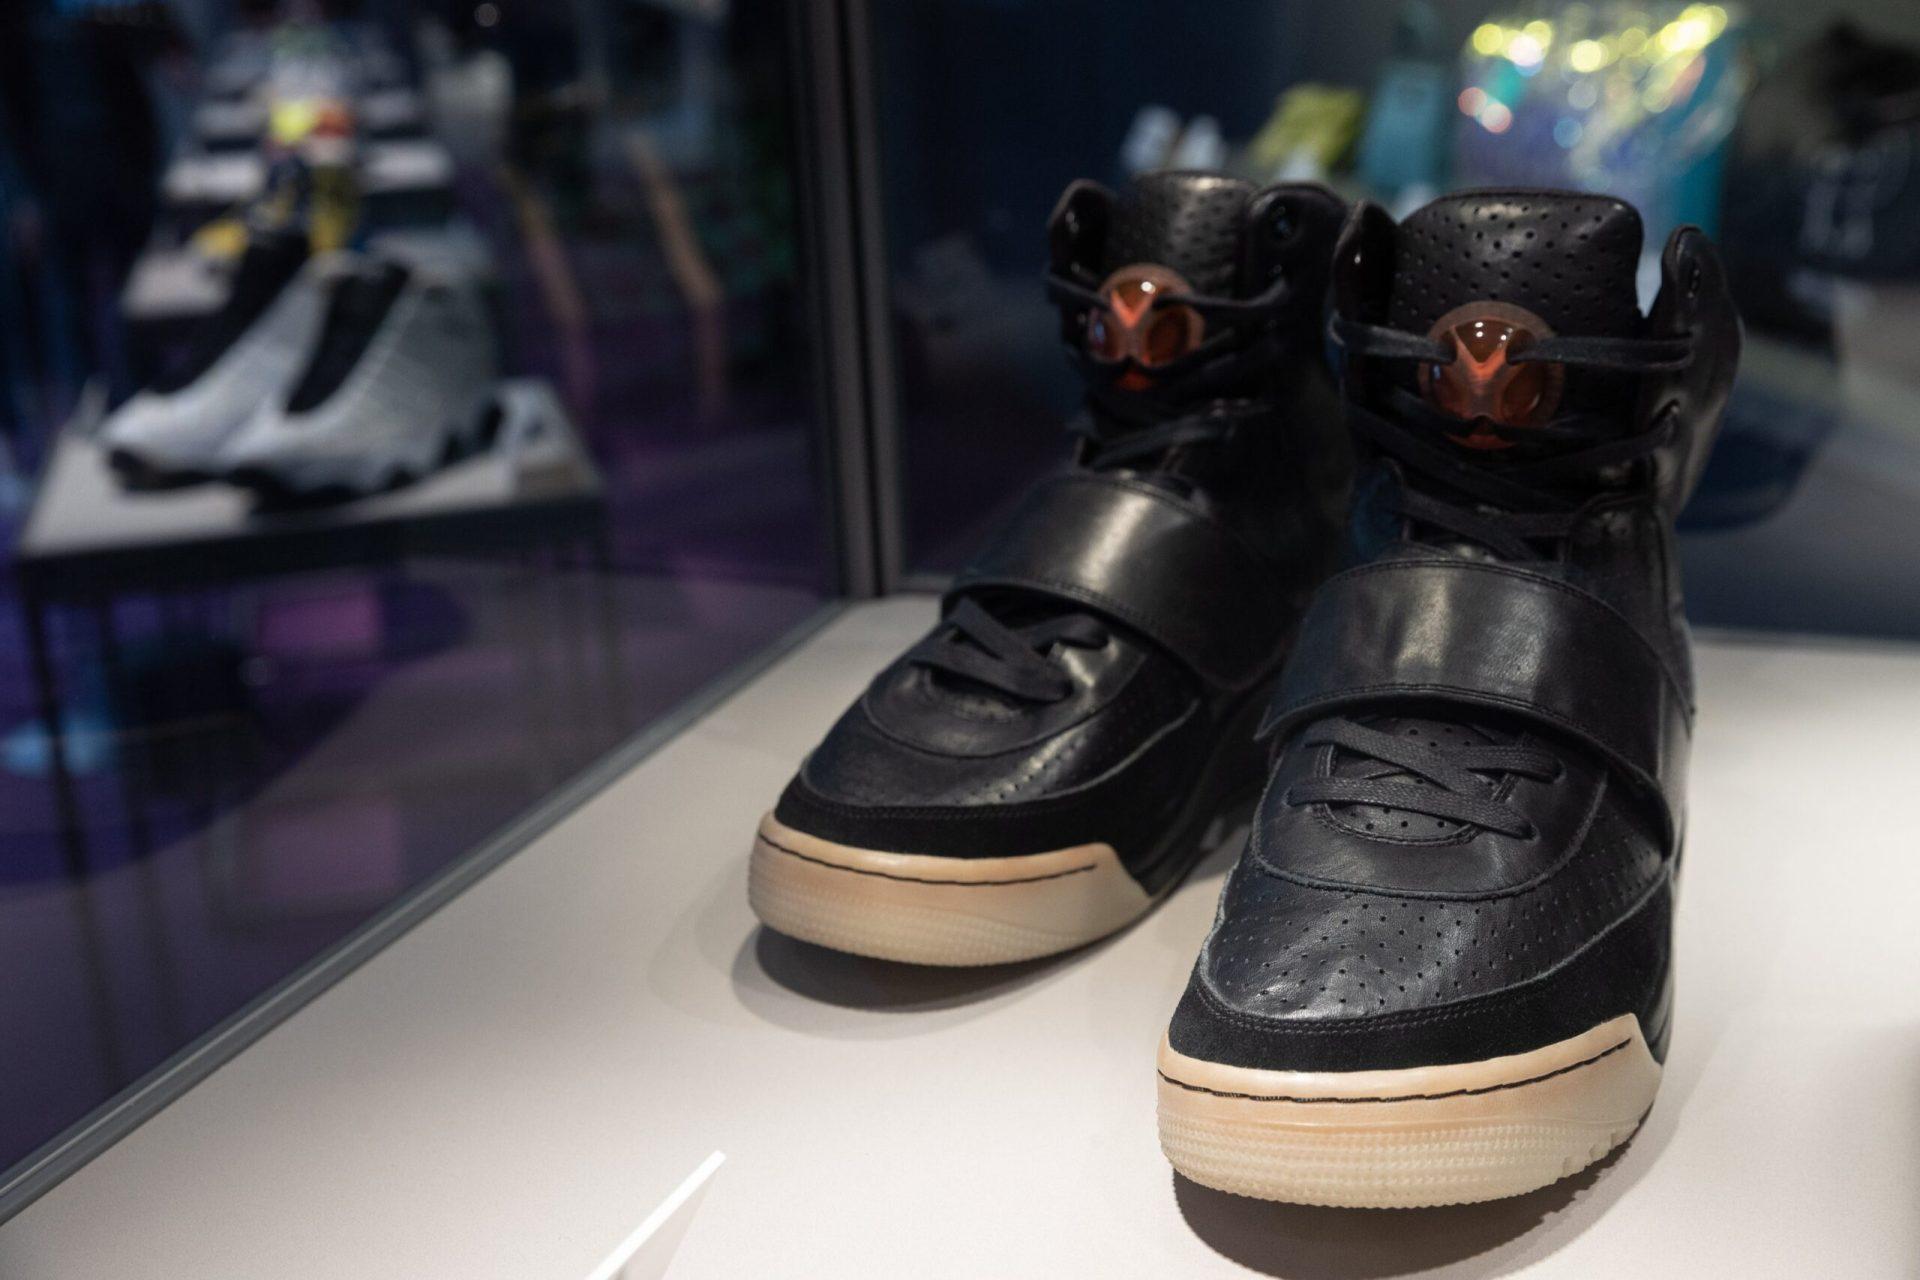 بالصور: الأغلى في العالم .. حذاء رياضي نادر يباع ب 1.8 مليون دولار